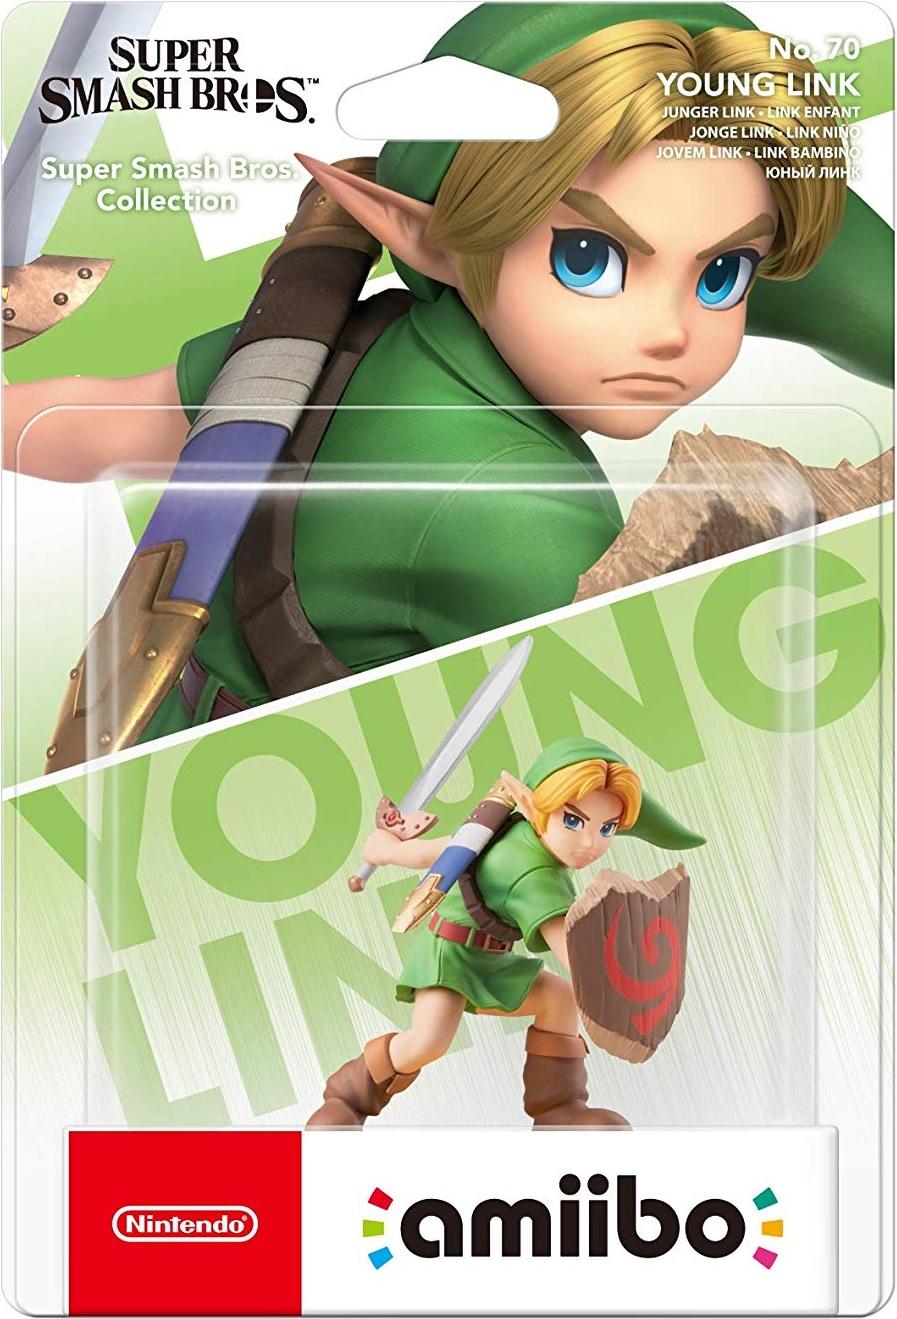 Young Link amiibo